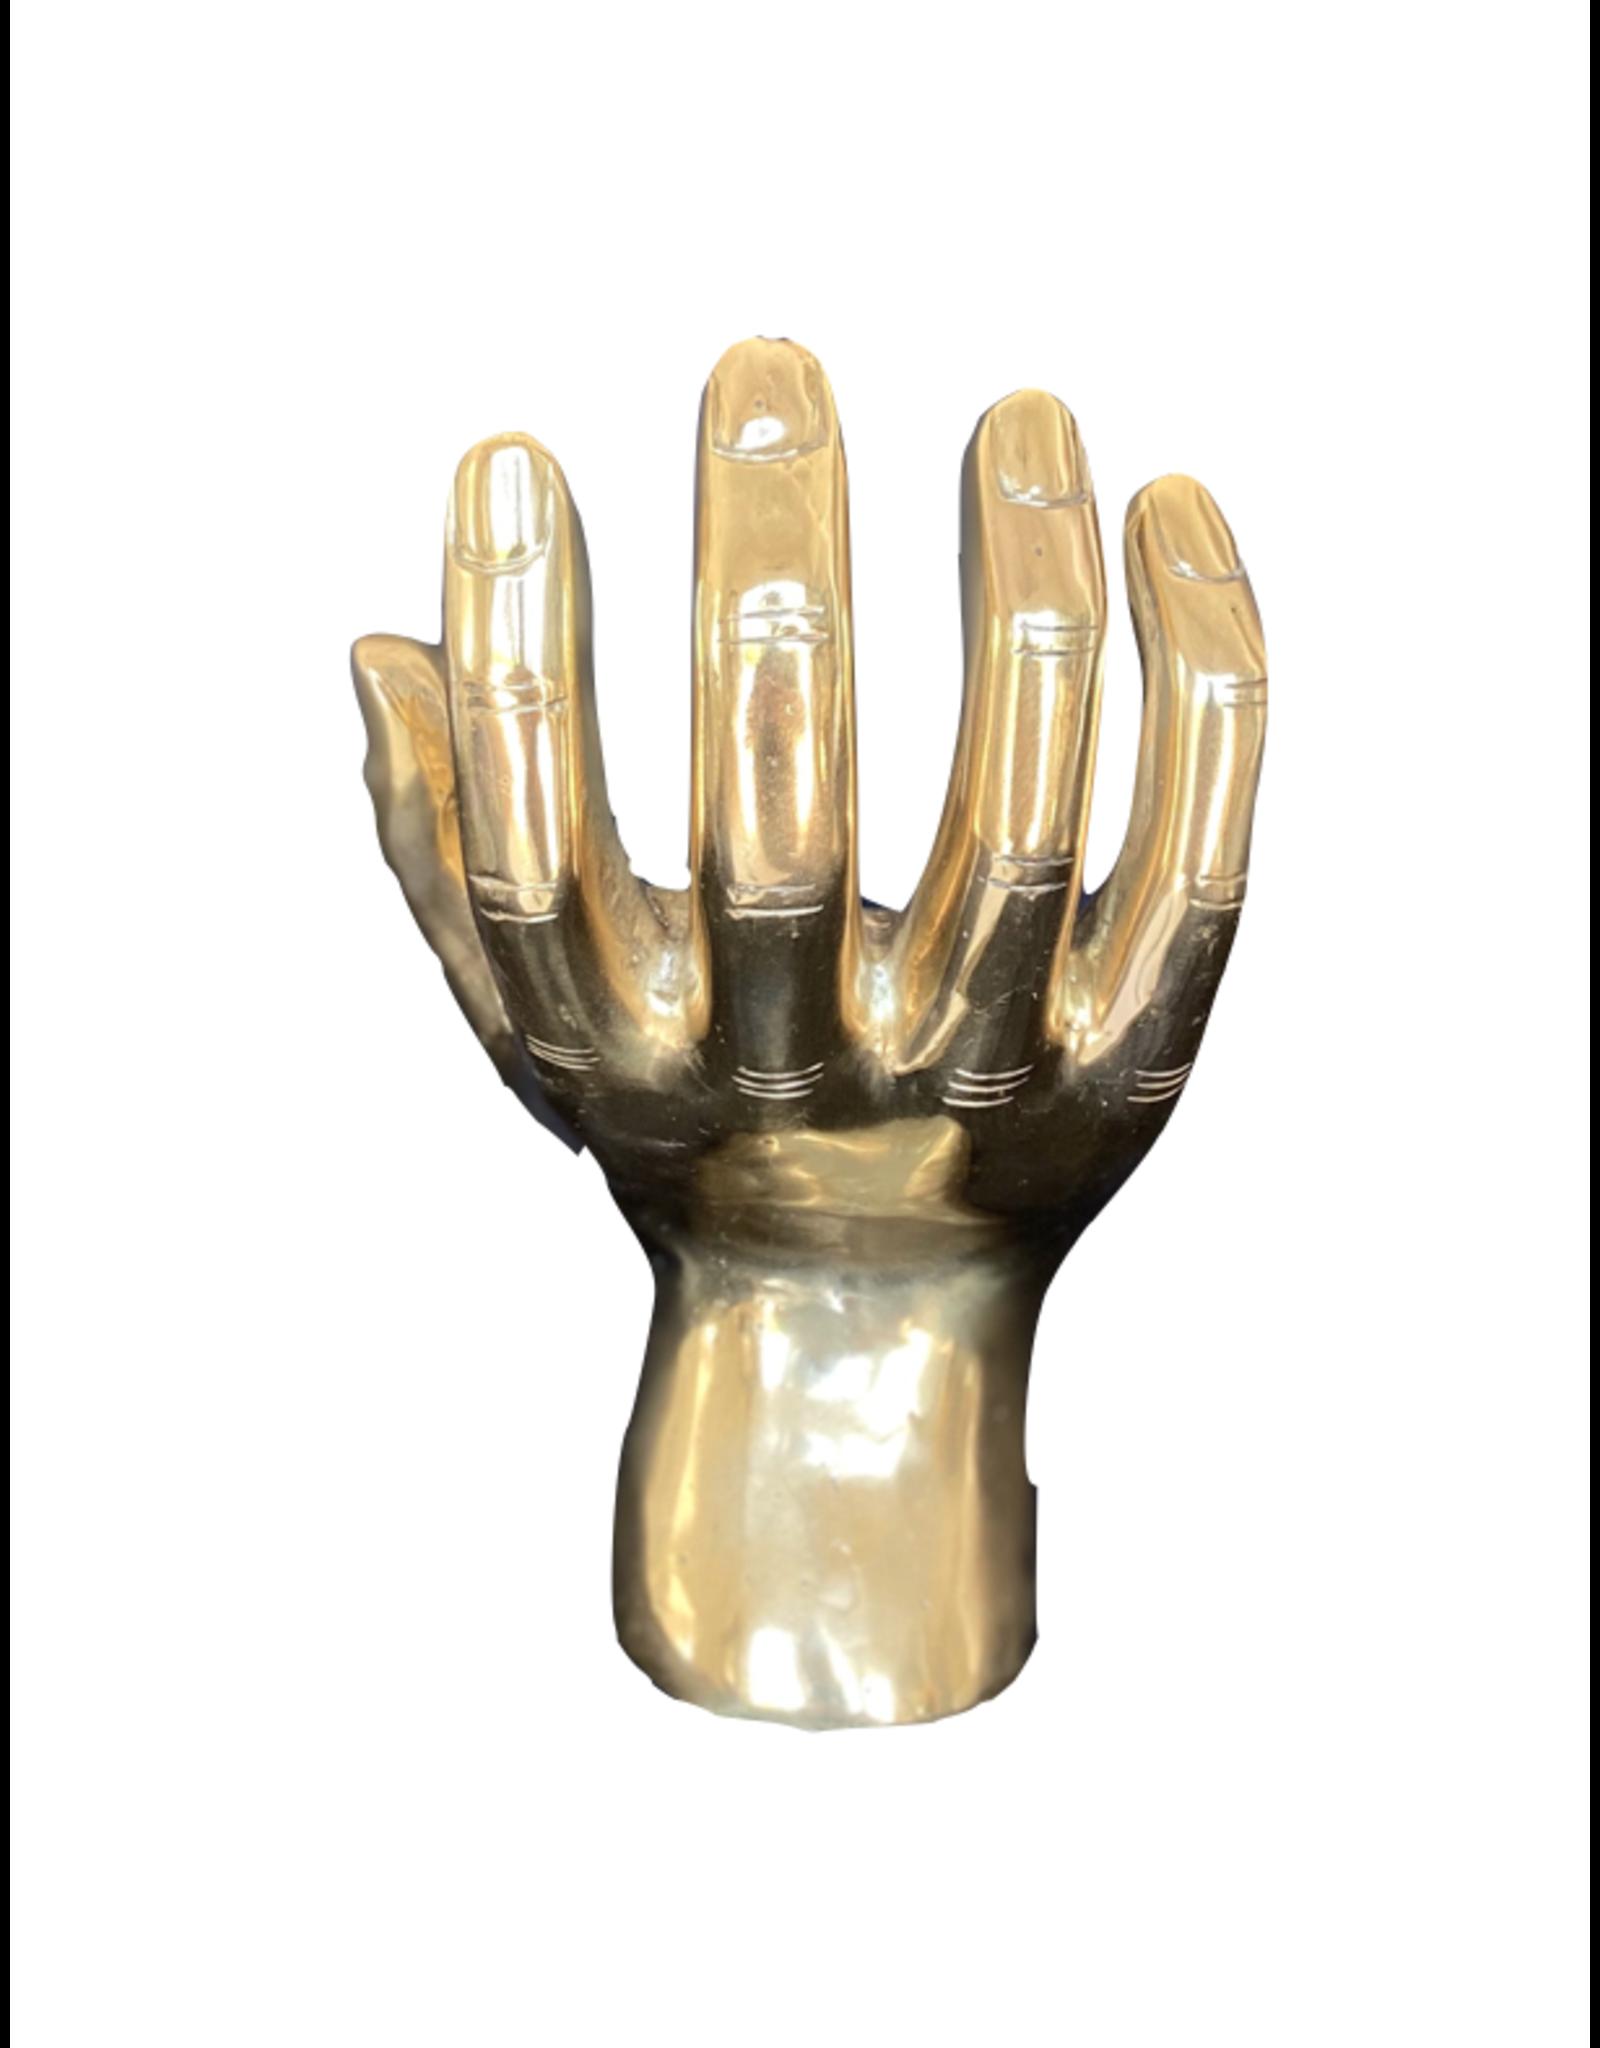 Brass Palms Up